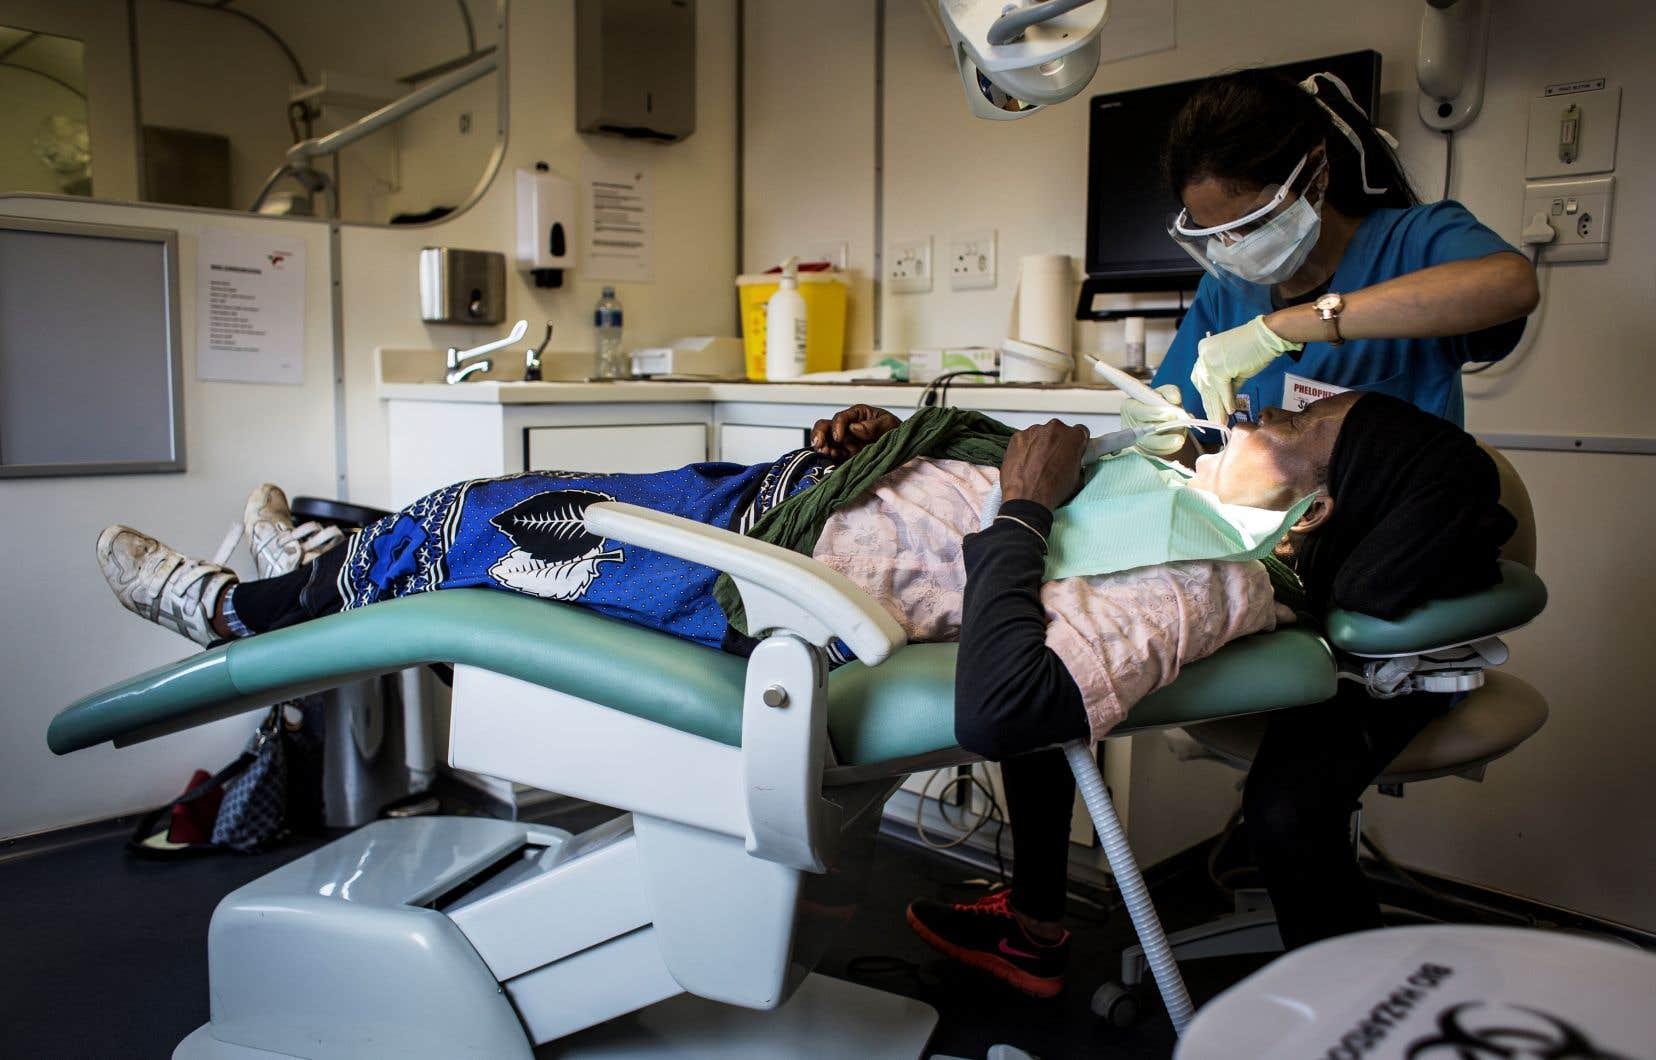 «Il est primordial que tous soient sensibilisés à l'importance des soins quotidiens de la bouche, la santé bucco-dentaire étant partie intégrante et indissociable de la santé globale», rappelle l'ACDQ.